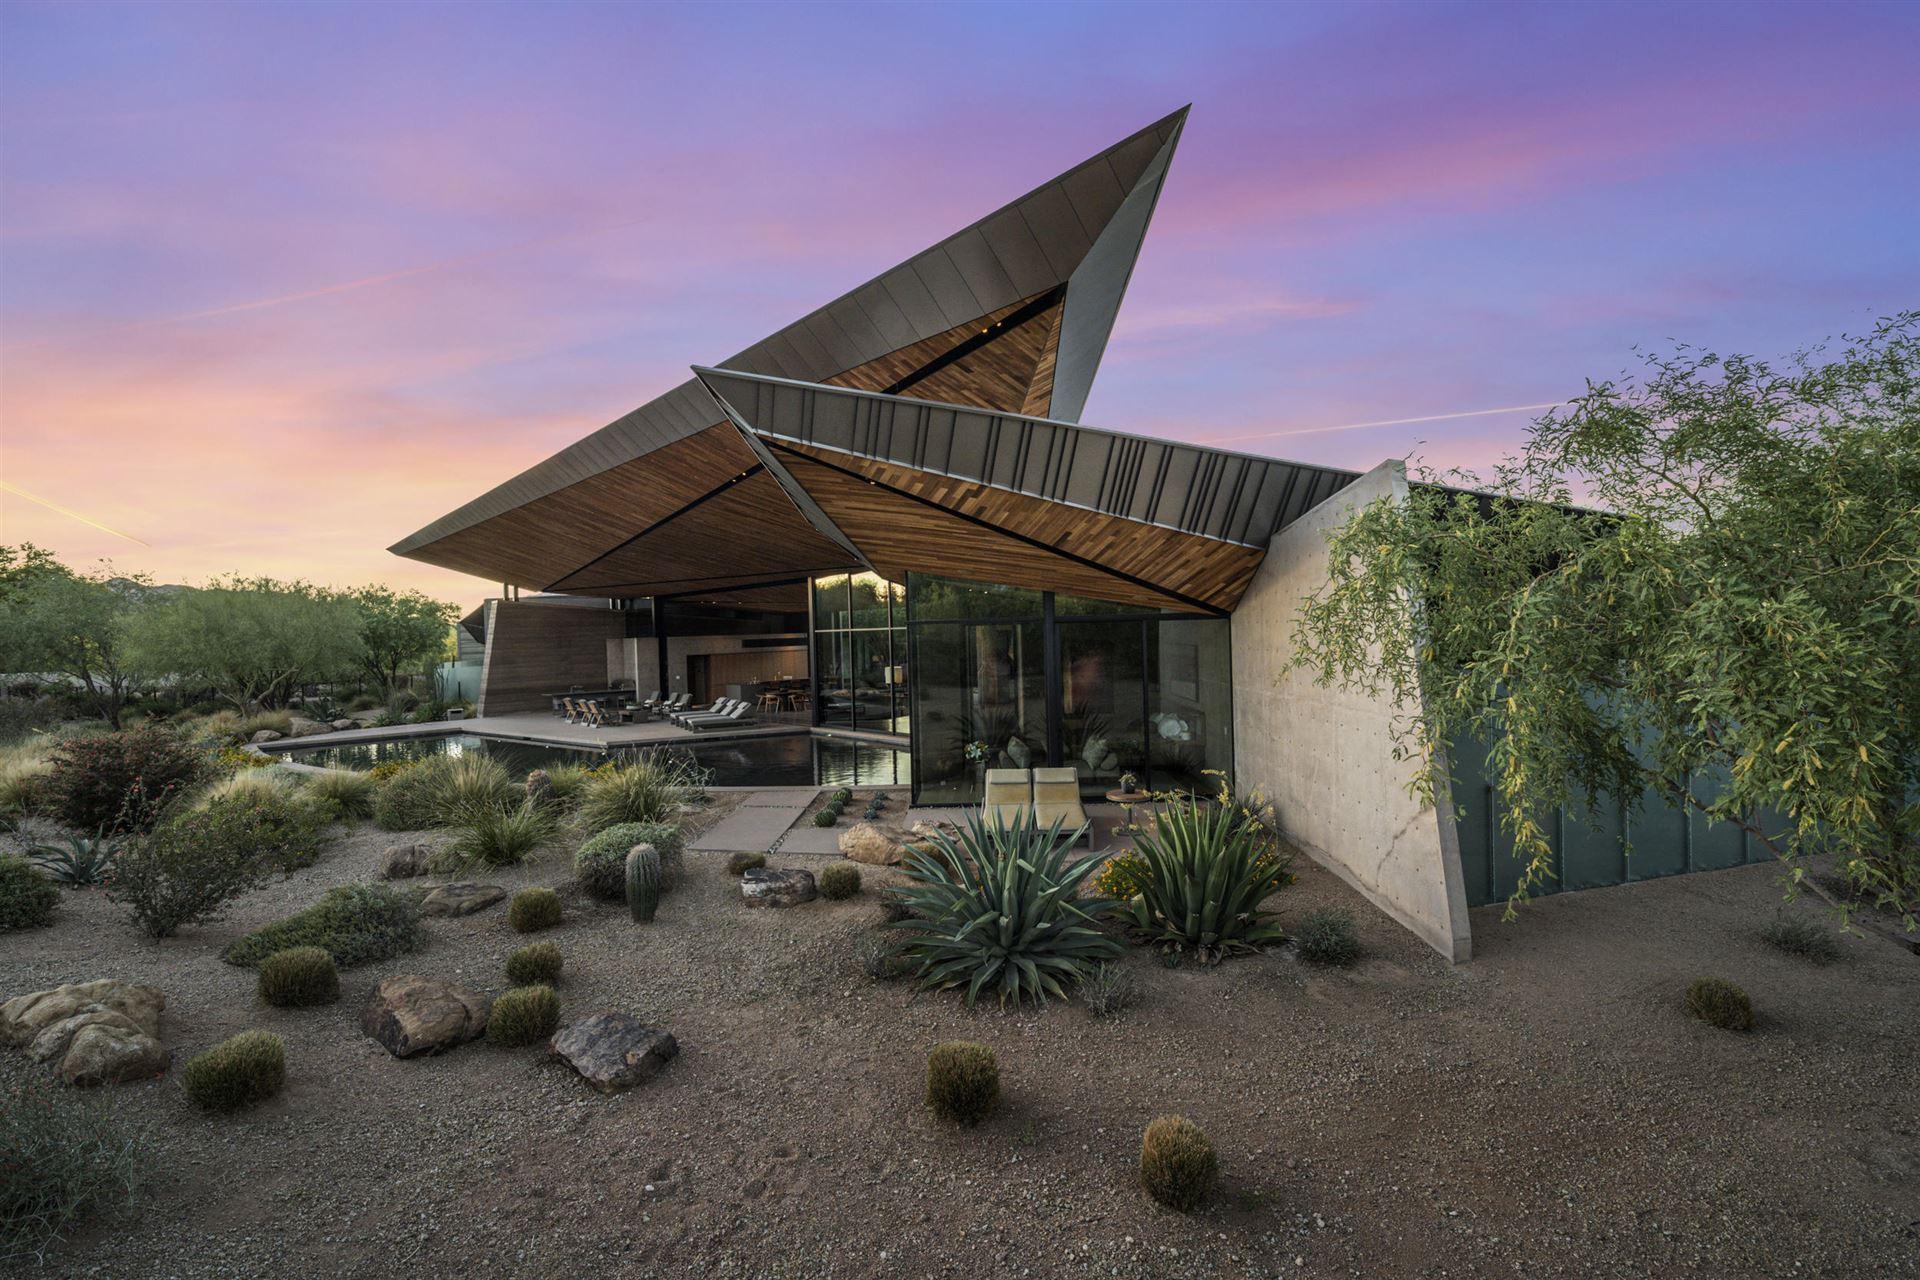 6121 N NAUNI VALLEY Drive, Paradise Valley, AZ 85253 - #: 6233019